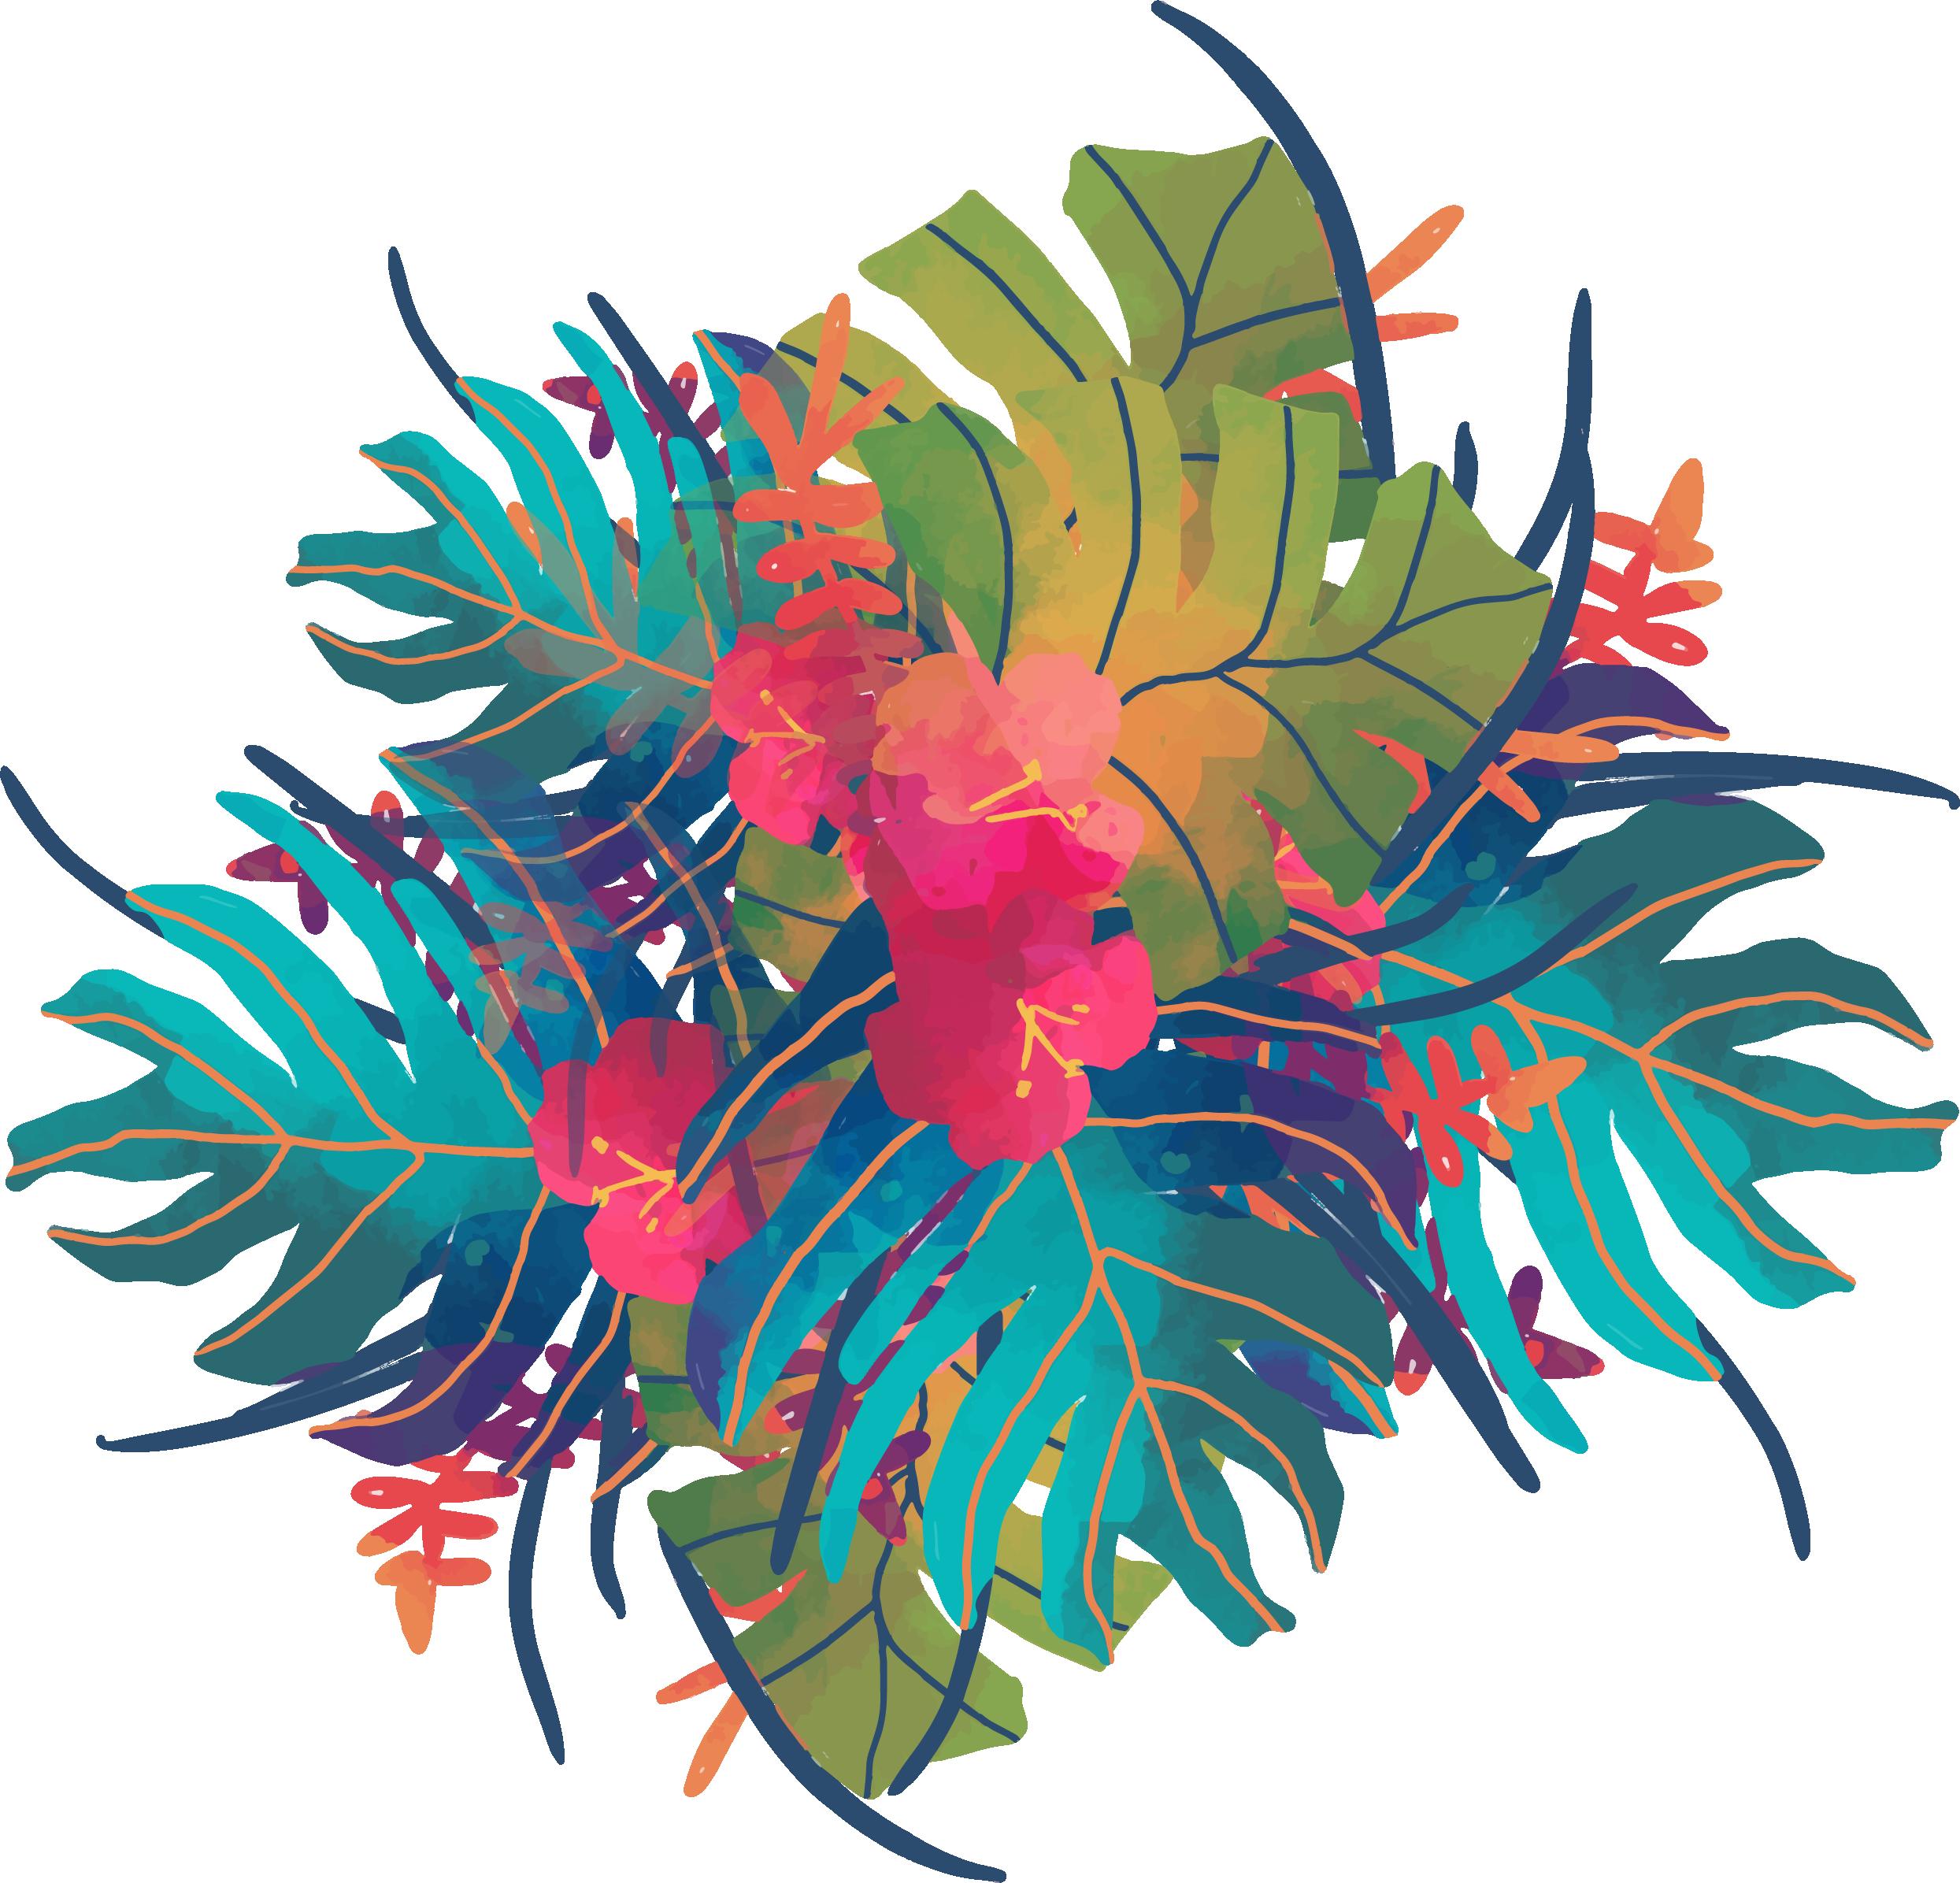 Экзотические цветы картинки вектор, добрых делах звери